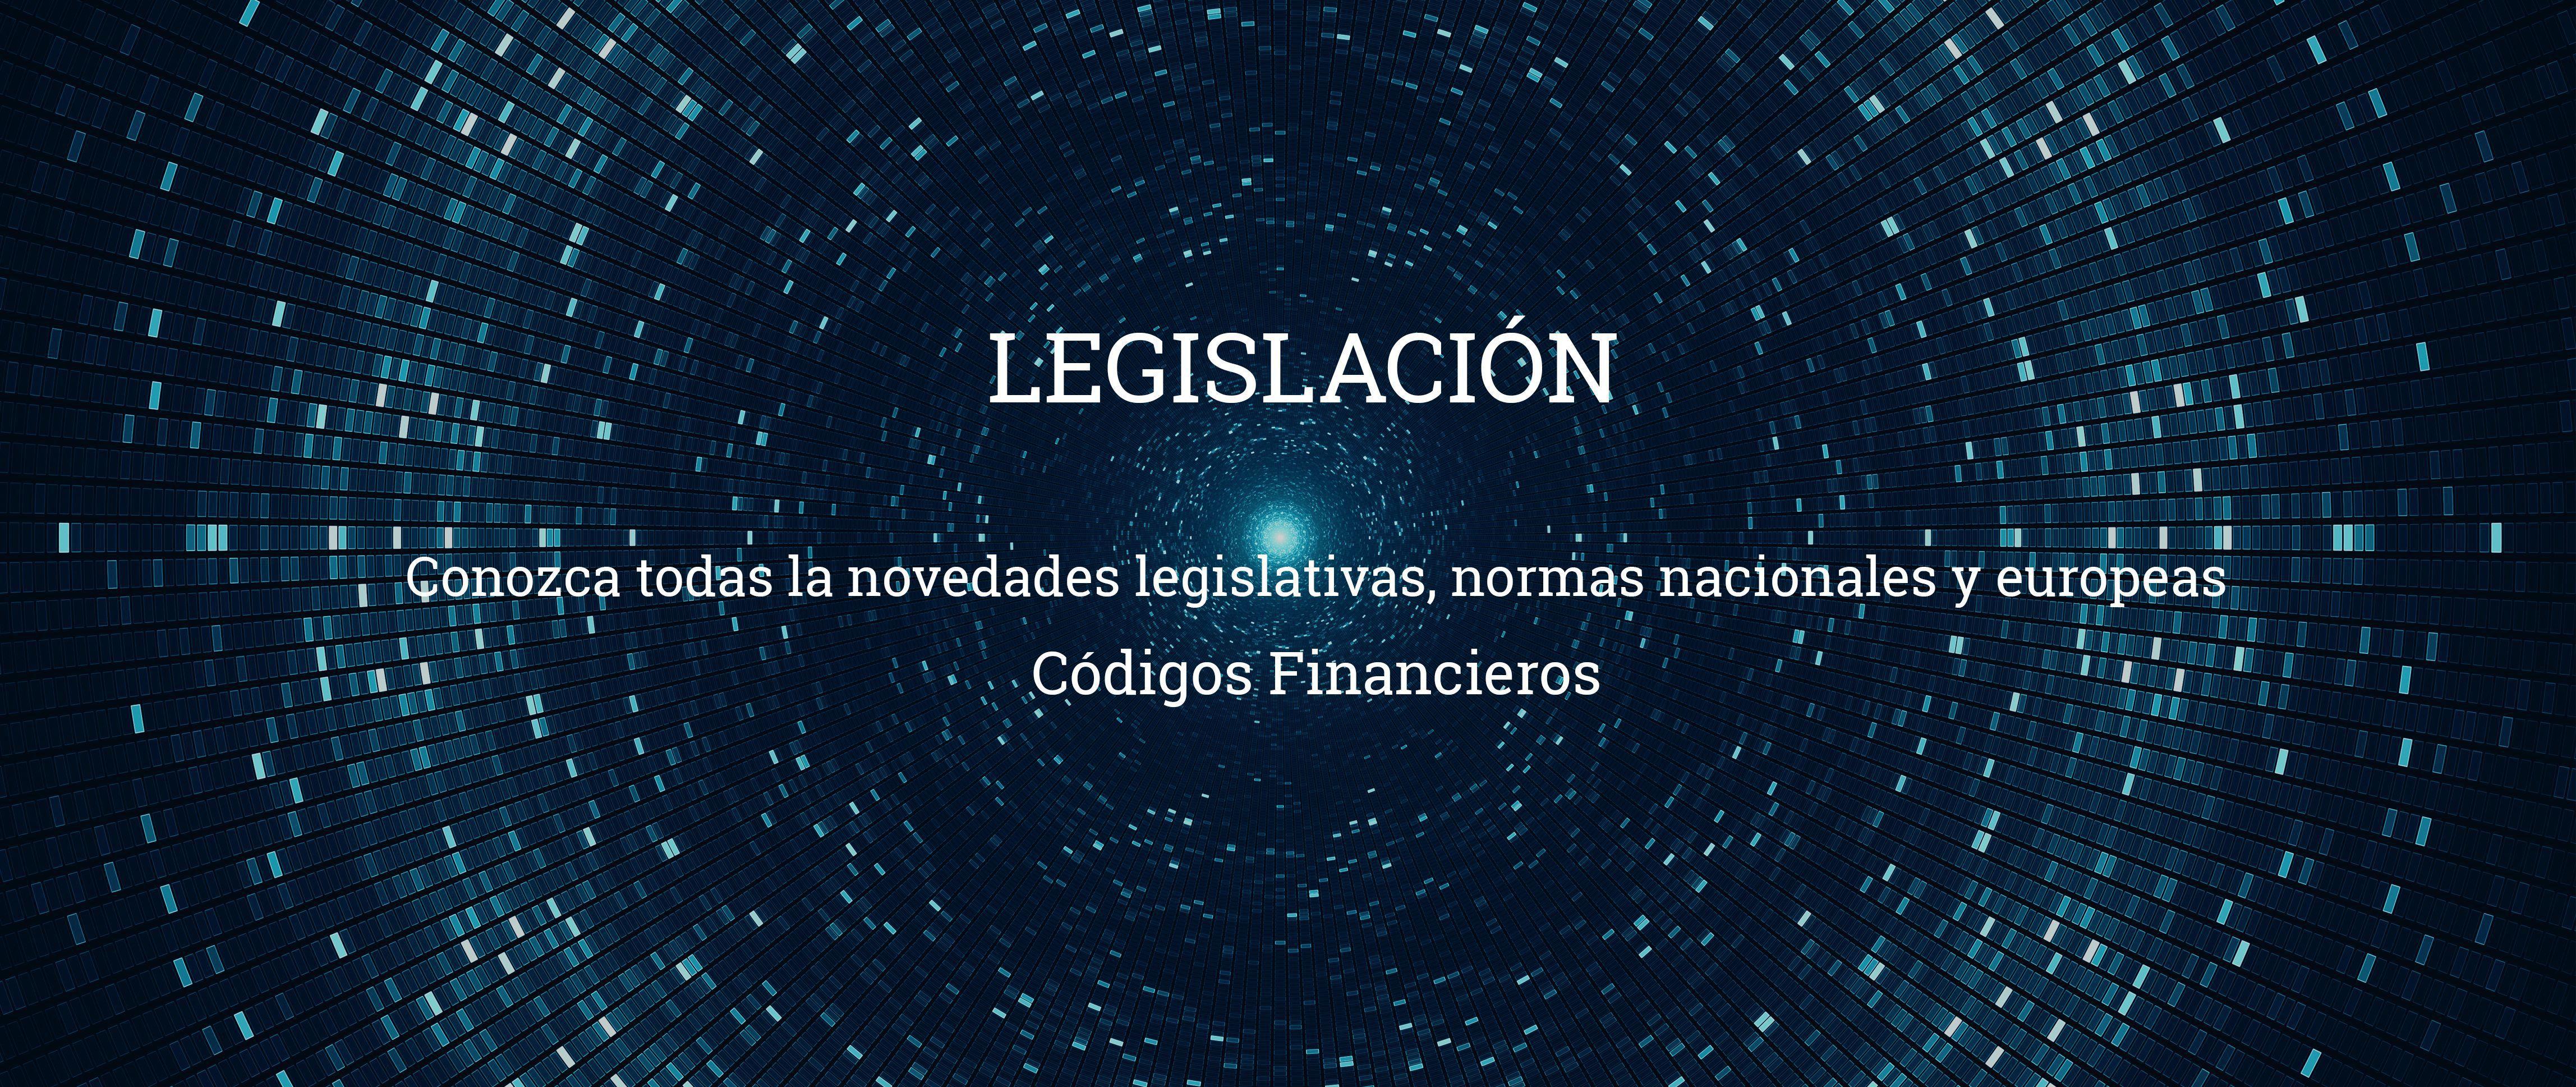 legislacion codigos financieros Códigos financieros